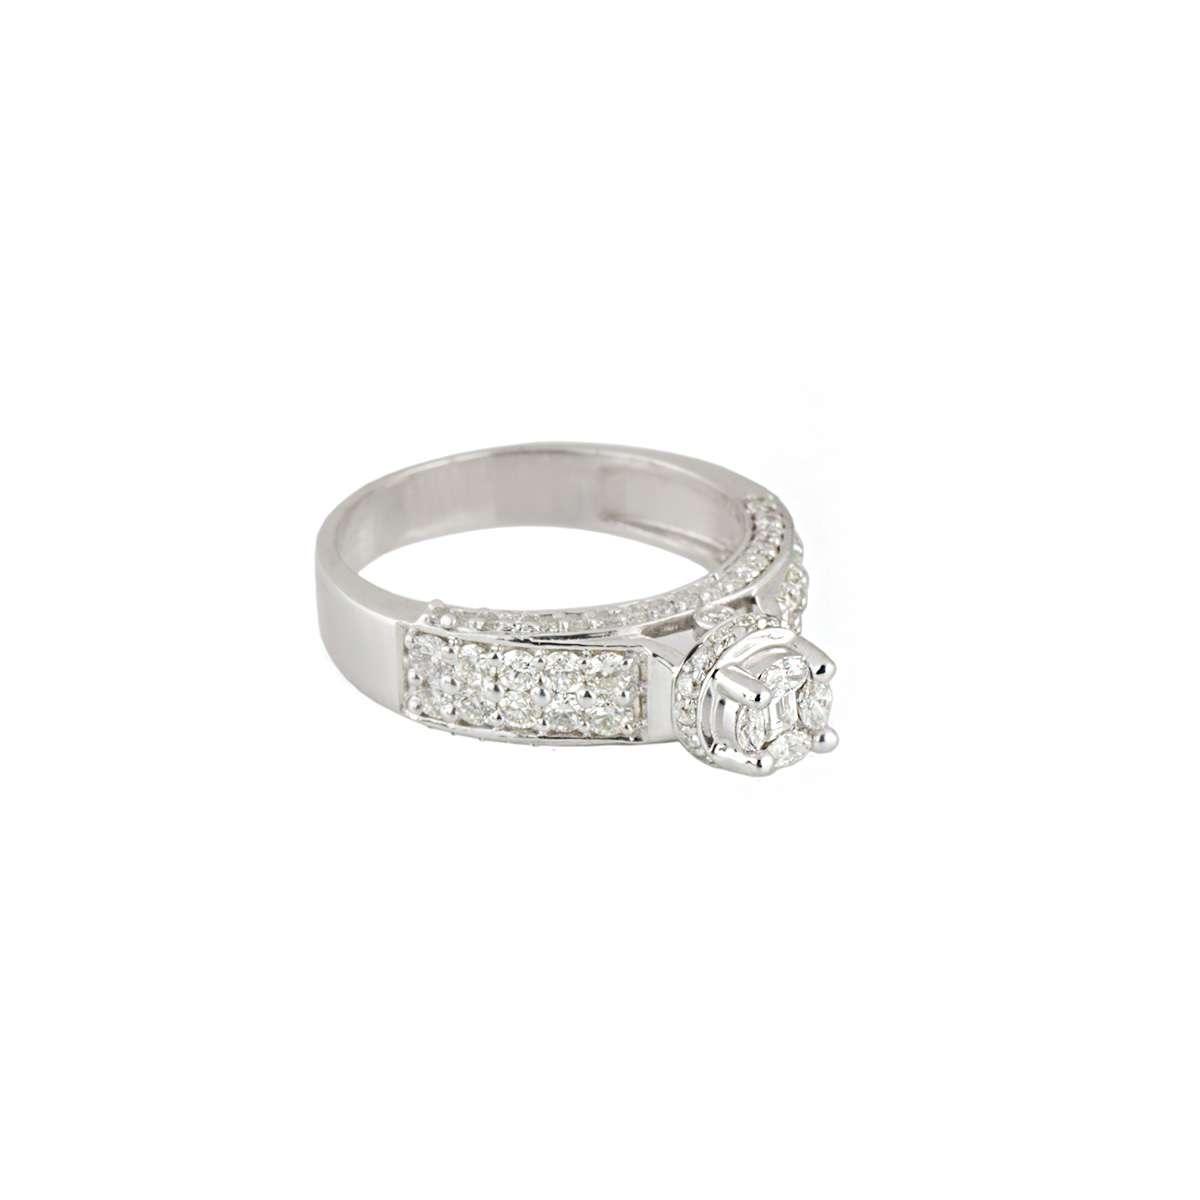 18k White Gold Diamond Cluster Ring 1.19ct